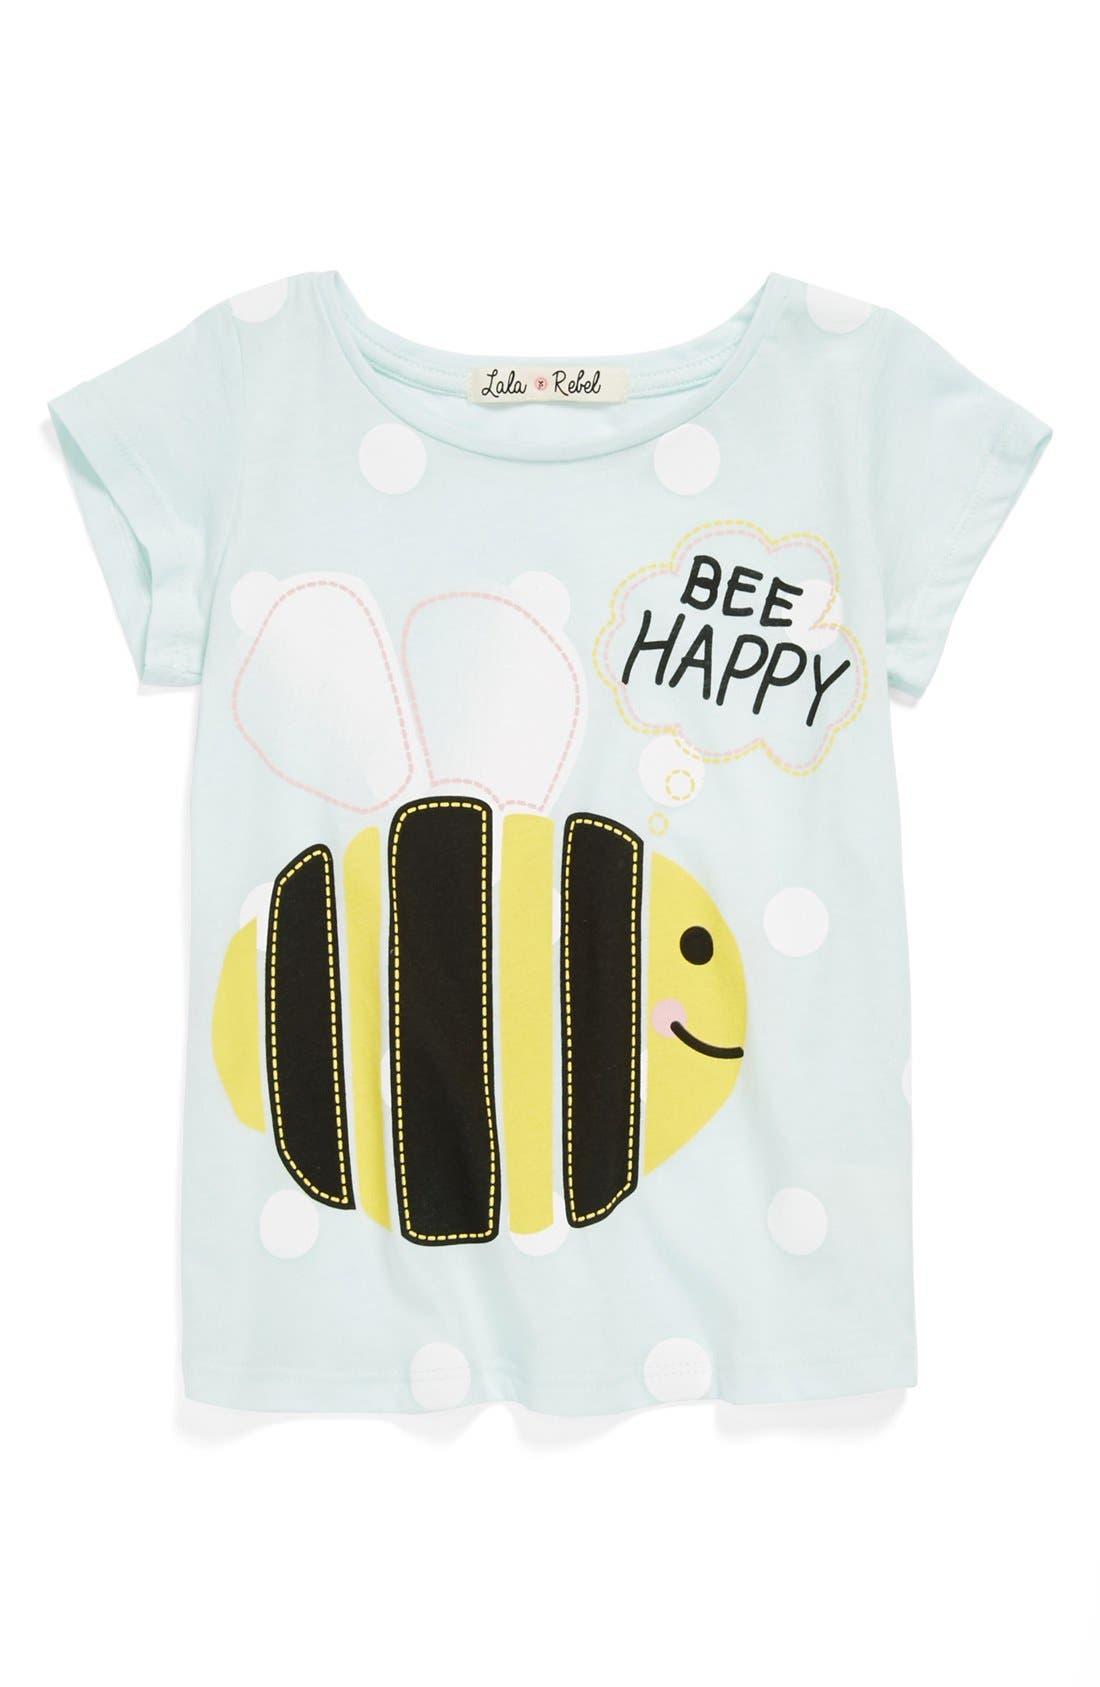 Main Image - Lala Rebel 'Bee Happy' Tee (Toddler Girls)